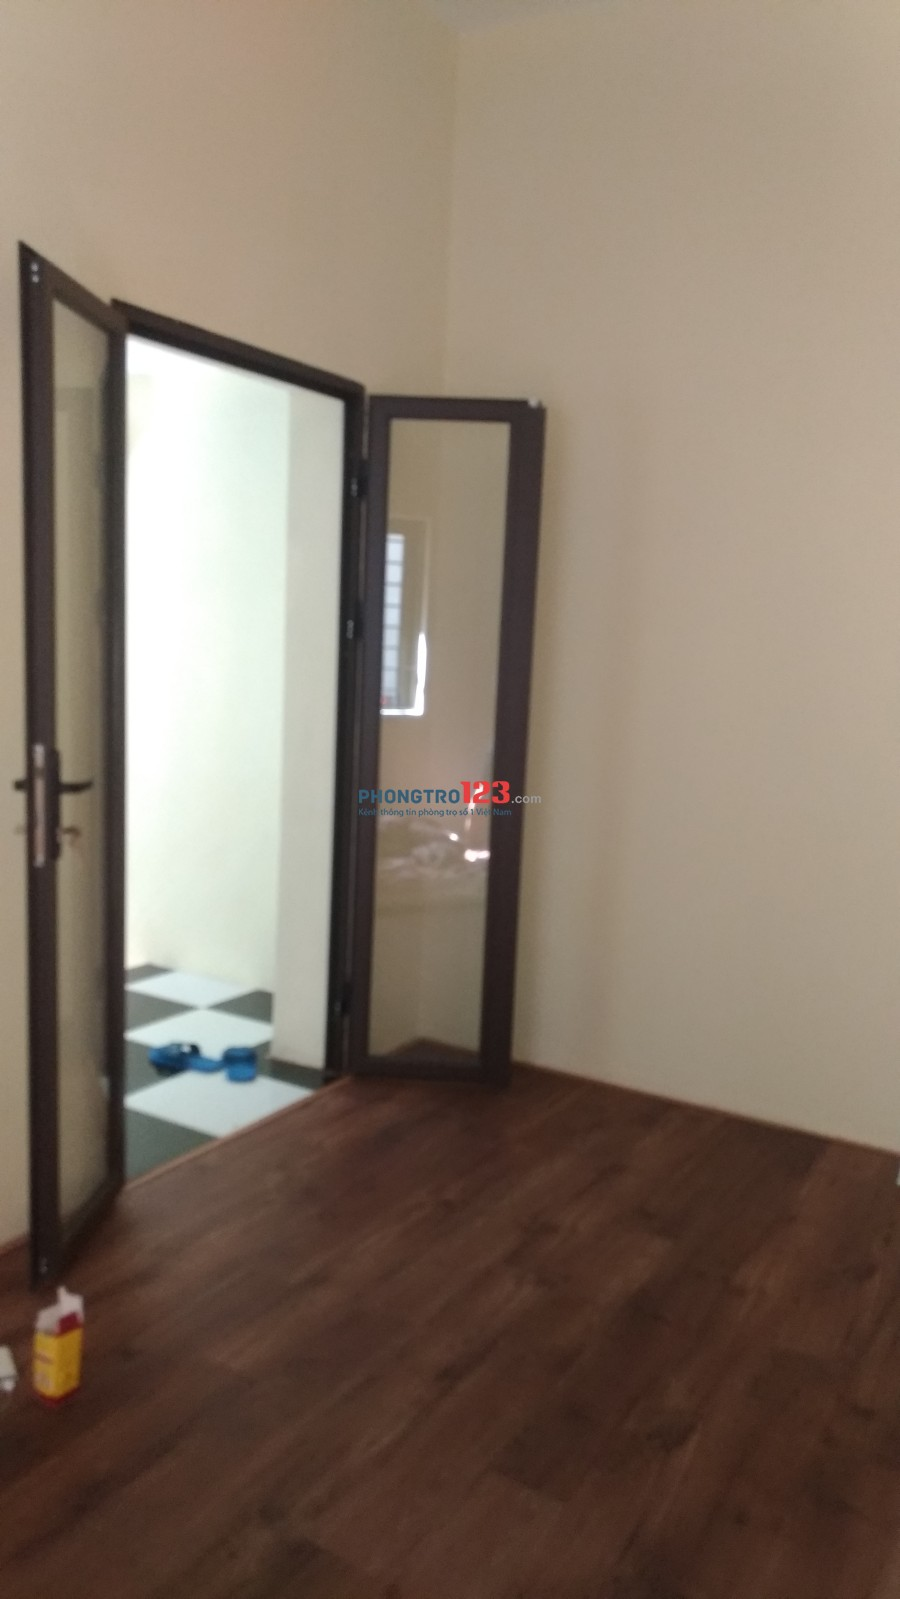 Phòng trọ tại quận Thanh Xuân